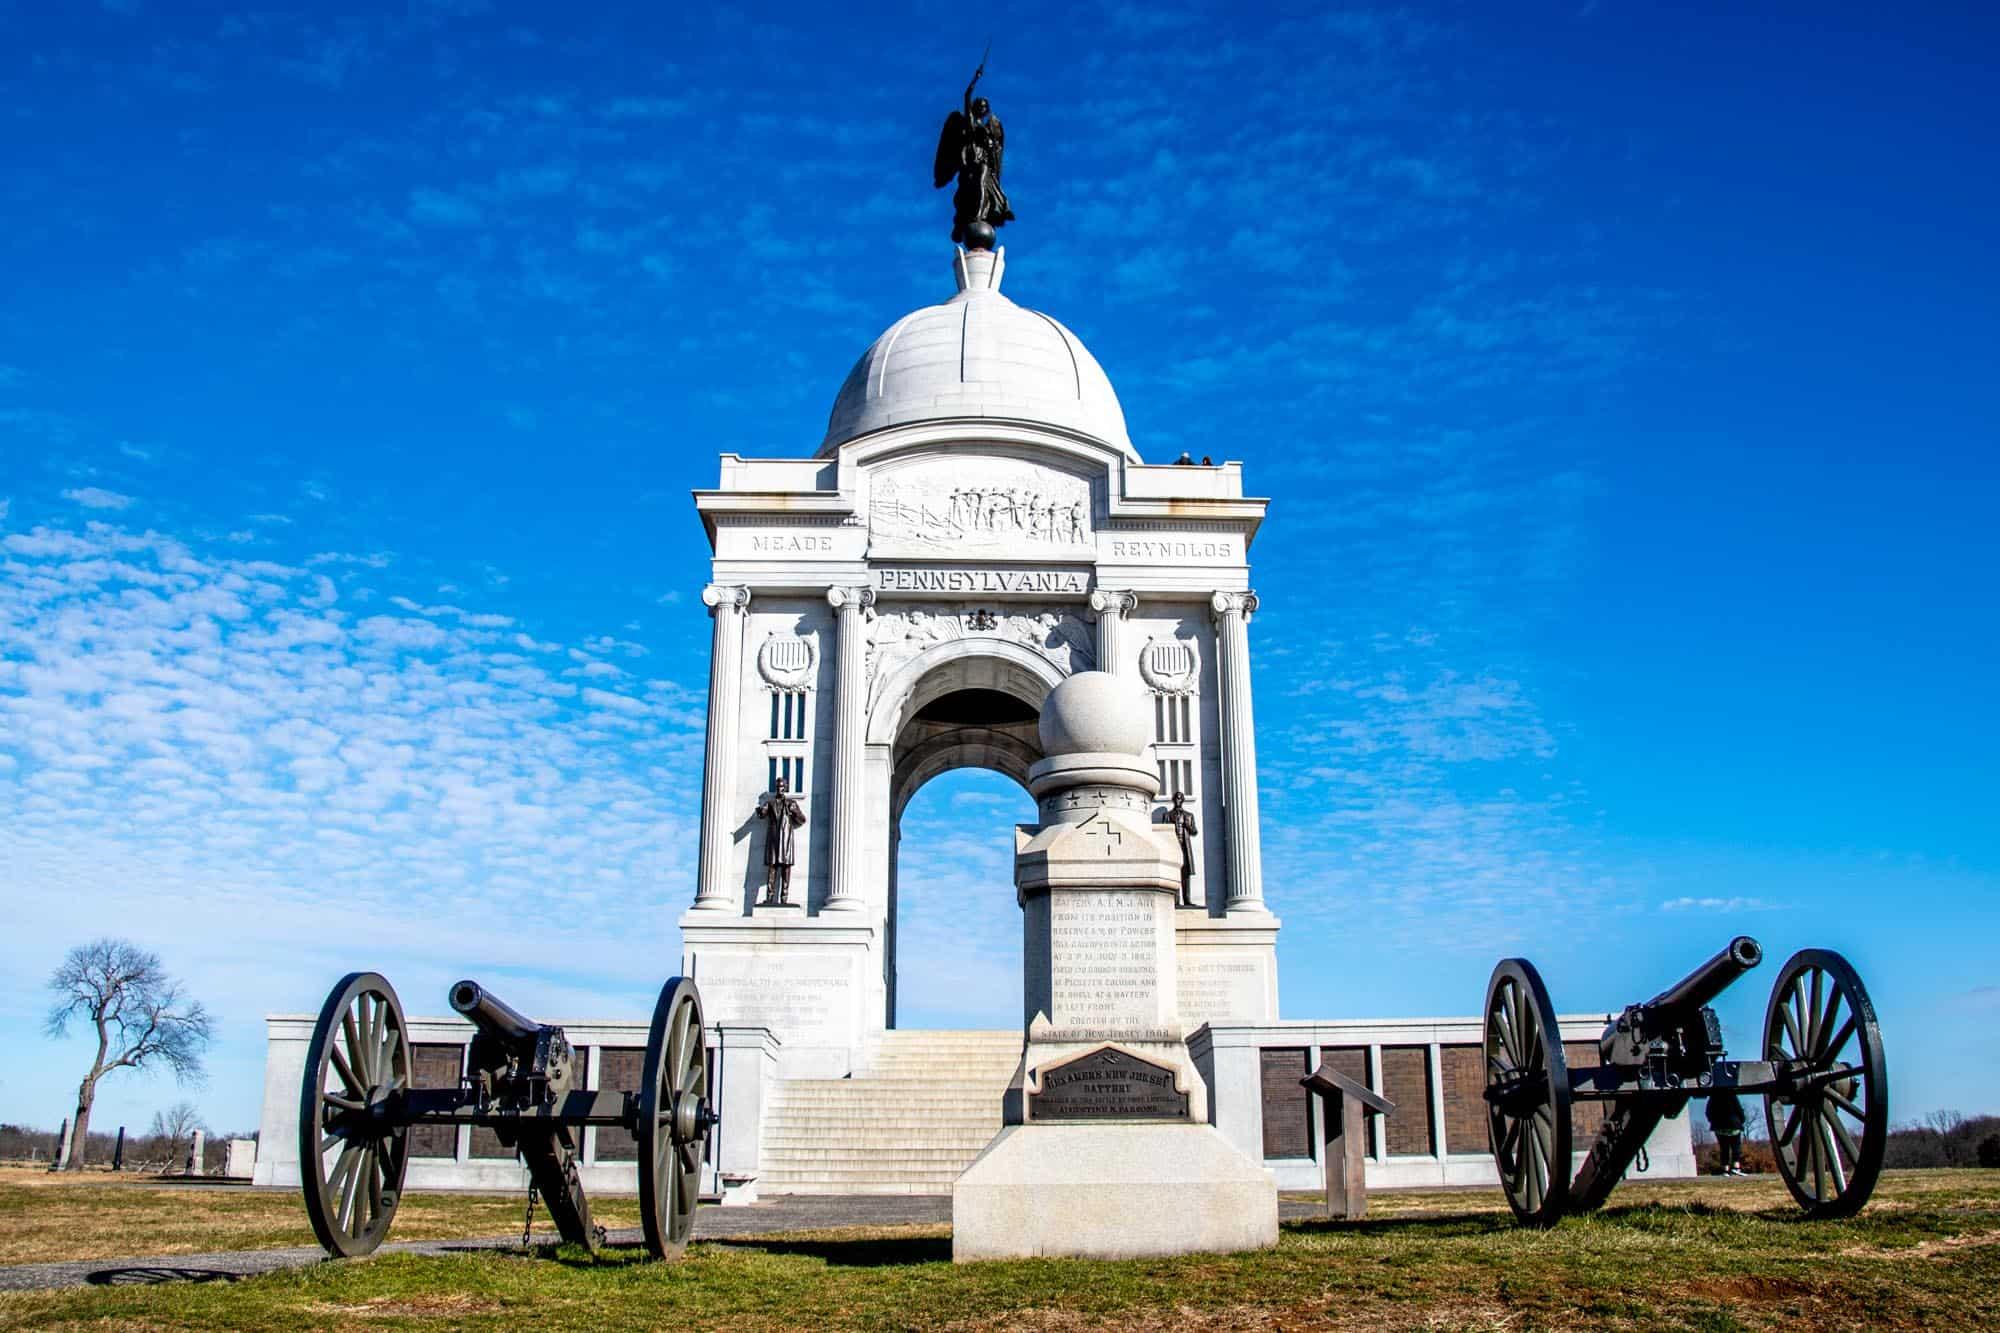 Stone memorial at Gettysburg